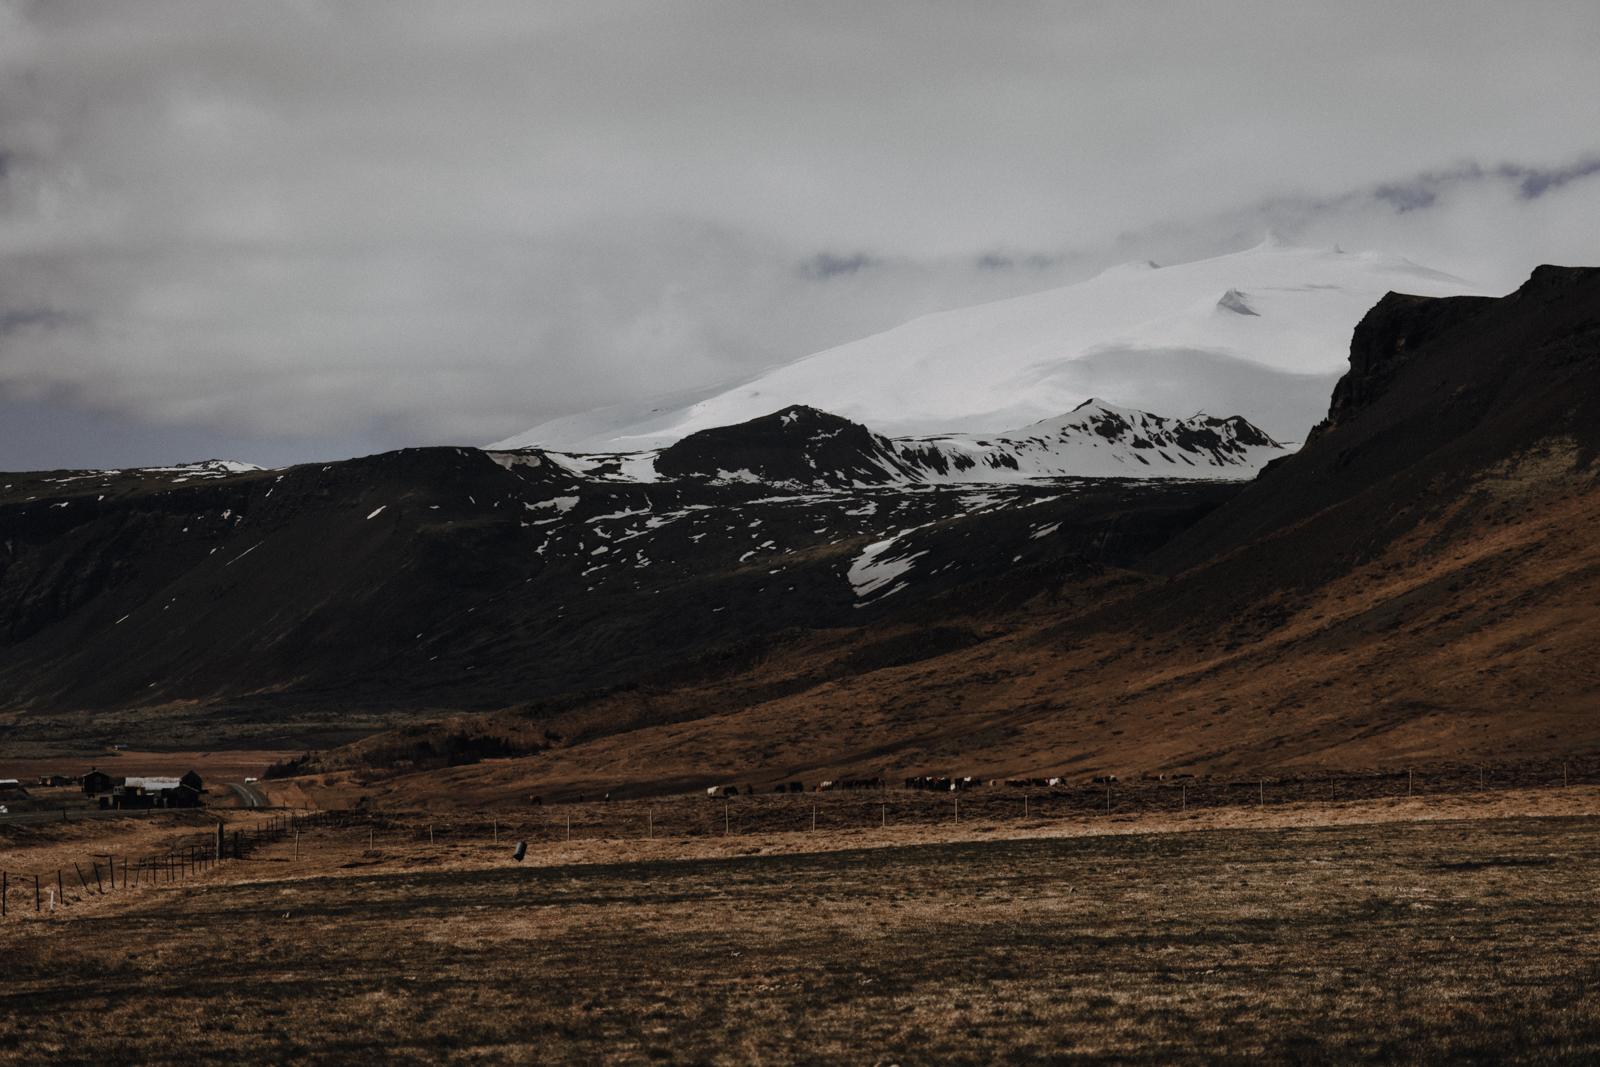 """Ein Gletscher verschwindet Wie die meisten Gletscher verliert auch der Snaefellsjökull zunehmend an Eis. Innerhalb der letzten 100 Jahre ist er von 22km2 auf 12km2 zusammengeschrumpft. Im Sommer 2012 war der Gipfel zum ersten Mal seit Beginn der Geschichtsschreibung eisfrei, und nun fürchtet man, der Gletscher könne irgendwann ganz verschwinden. Aktuell liegt die Dicke des Eises im westlichen und östlichen Bereich noch bei 40 bzw. 50 Metern, an anderen Stellen wird bereits ein sogenanntes Downwasting erwartet, bei dem das Eis gänzlich abschmilzt, da die betreffenden Stellen vom restlichen Gletscher und damit vom """"Eisnachschub"""" abgeschnitten werden."""